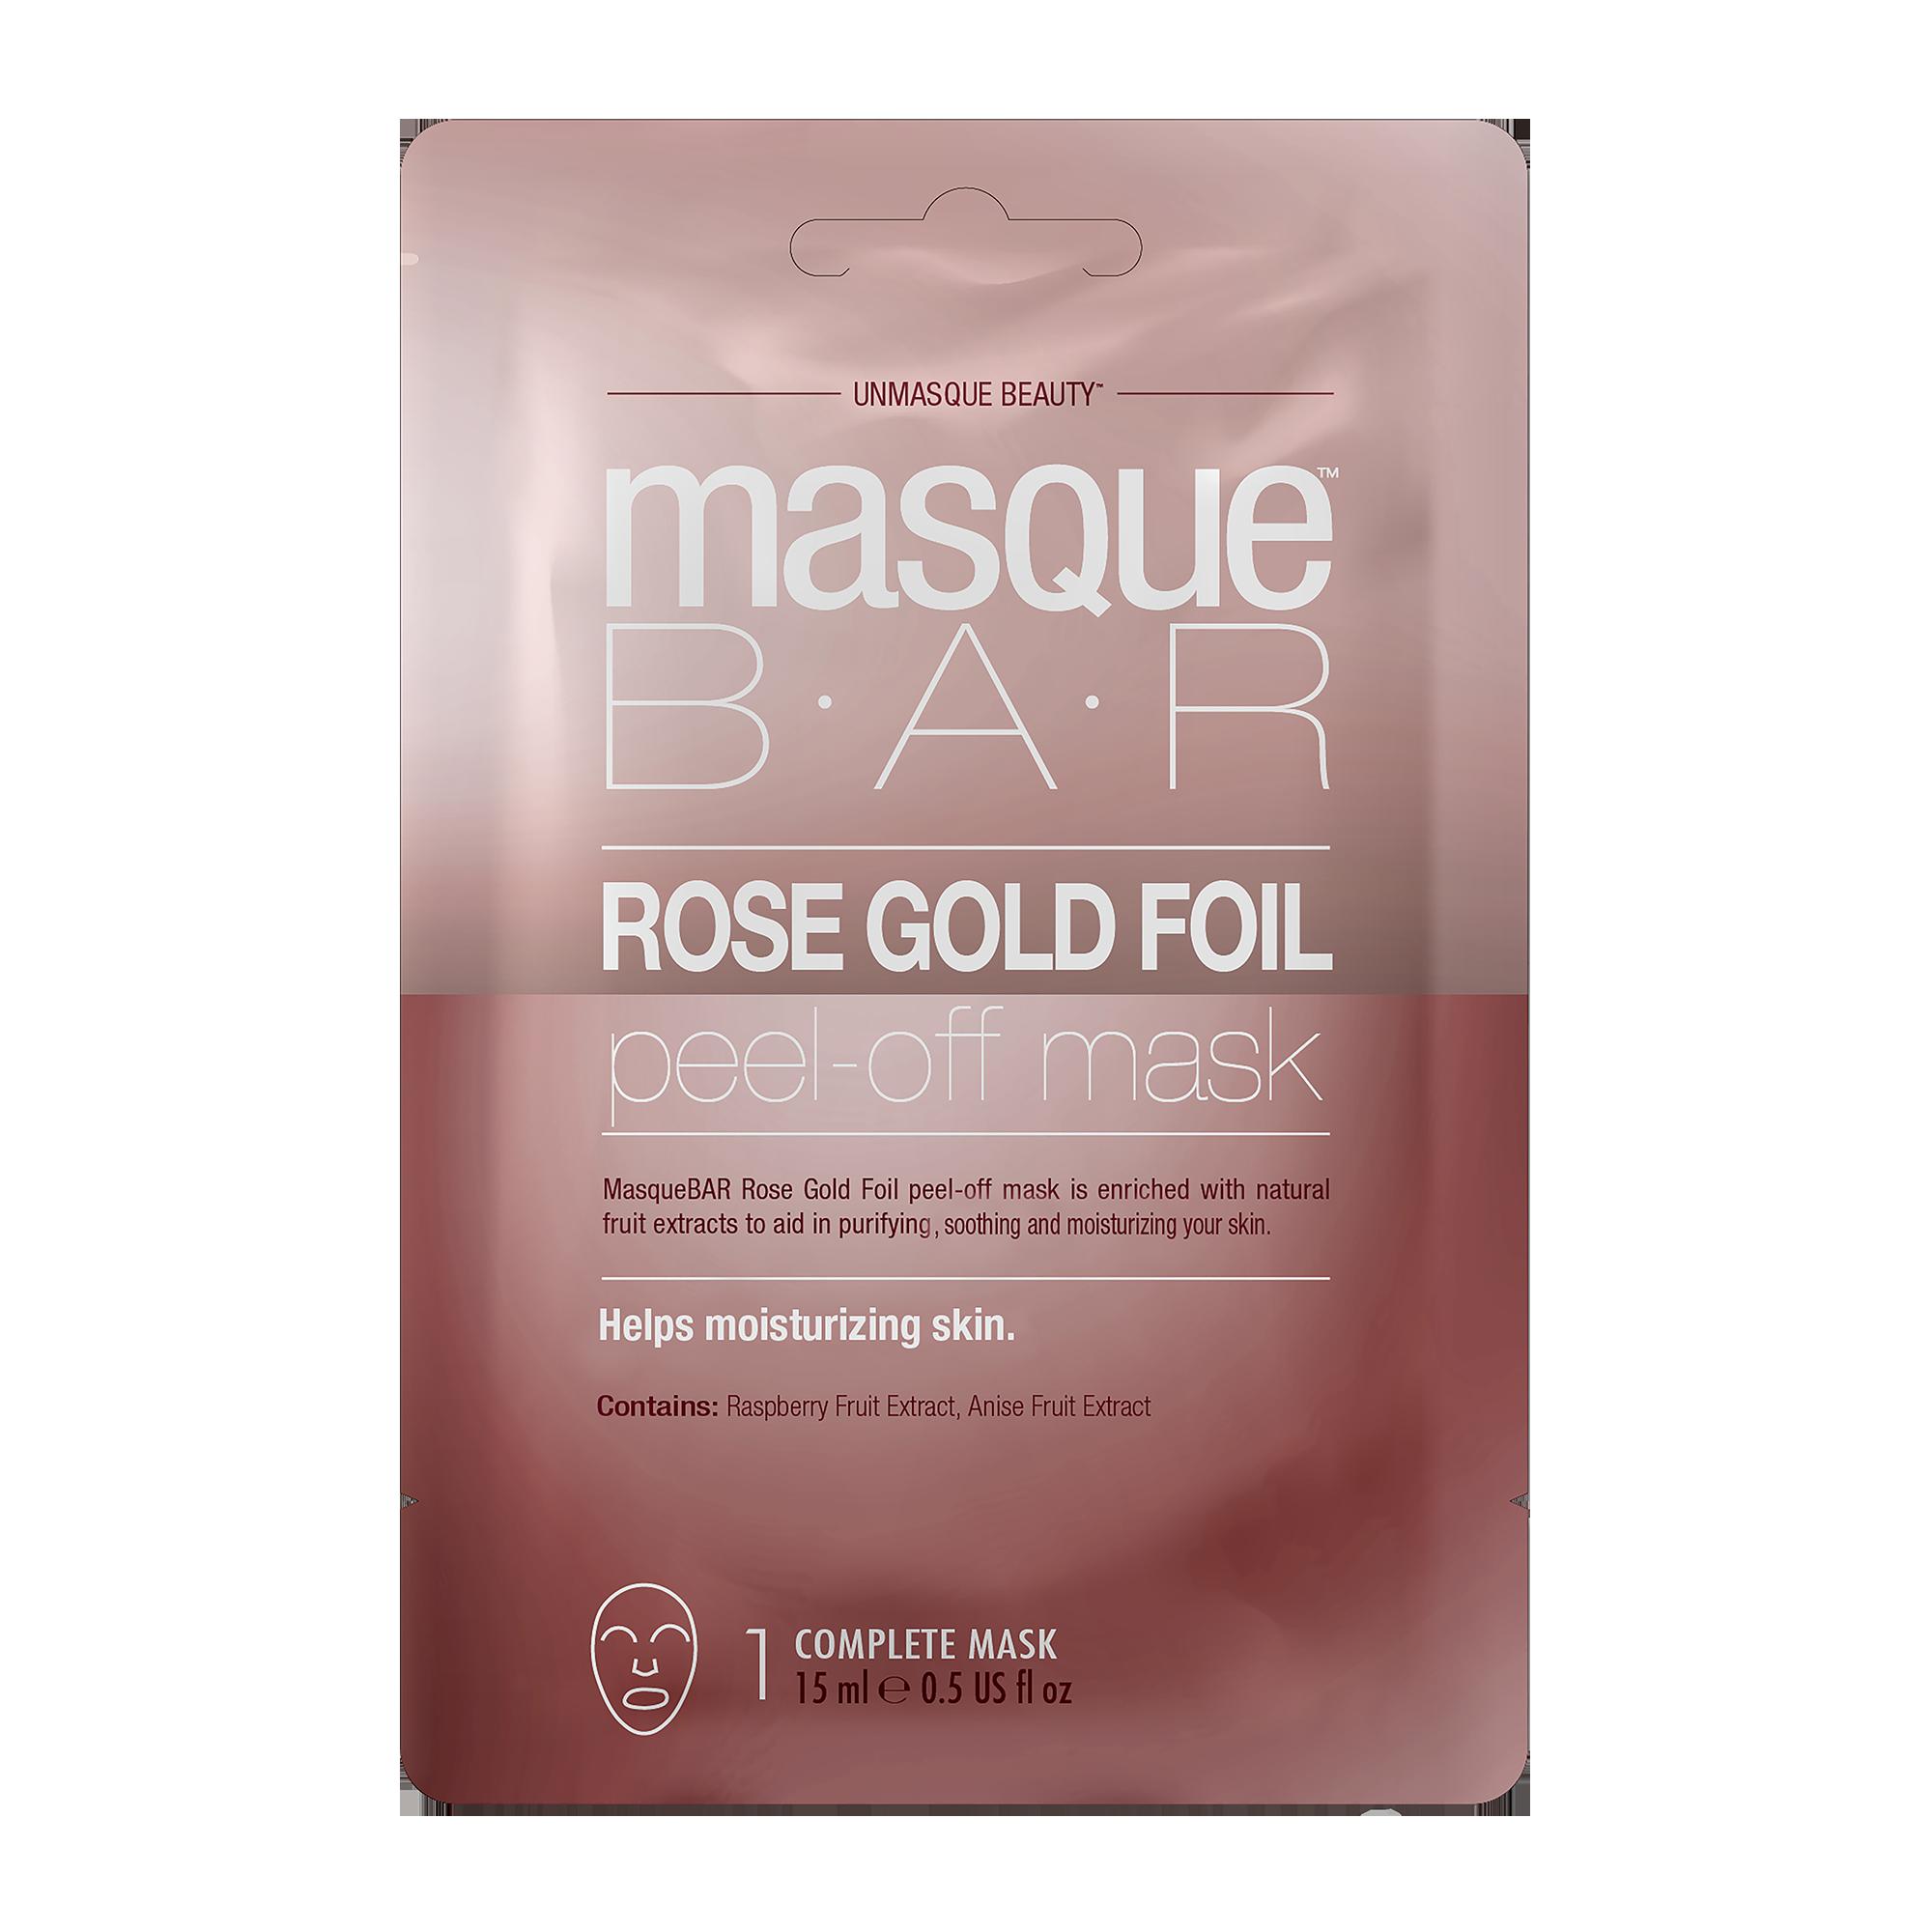 Foil Gold Peel Off Mask